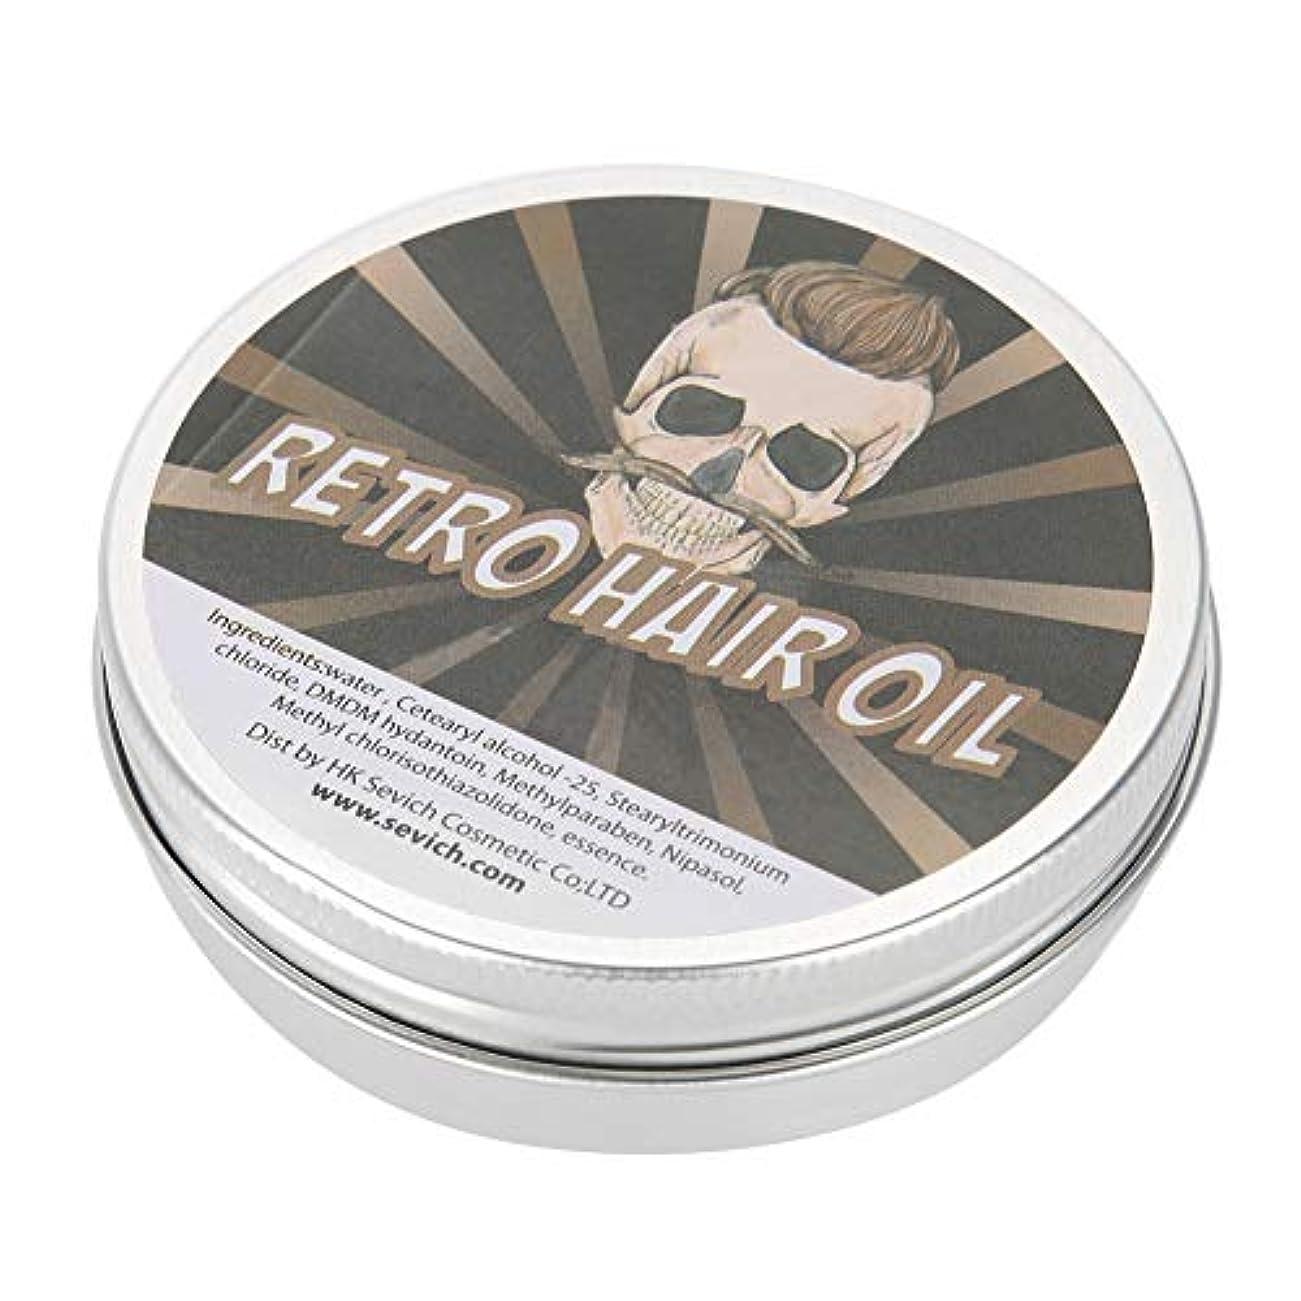 豊富噛む厳ヘアワックス パーフェクトロング 永続的なヘアワックス 水ベースのヘアスタイリング ポマードヘアモデリングワックス